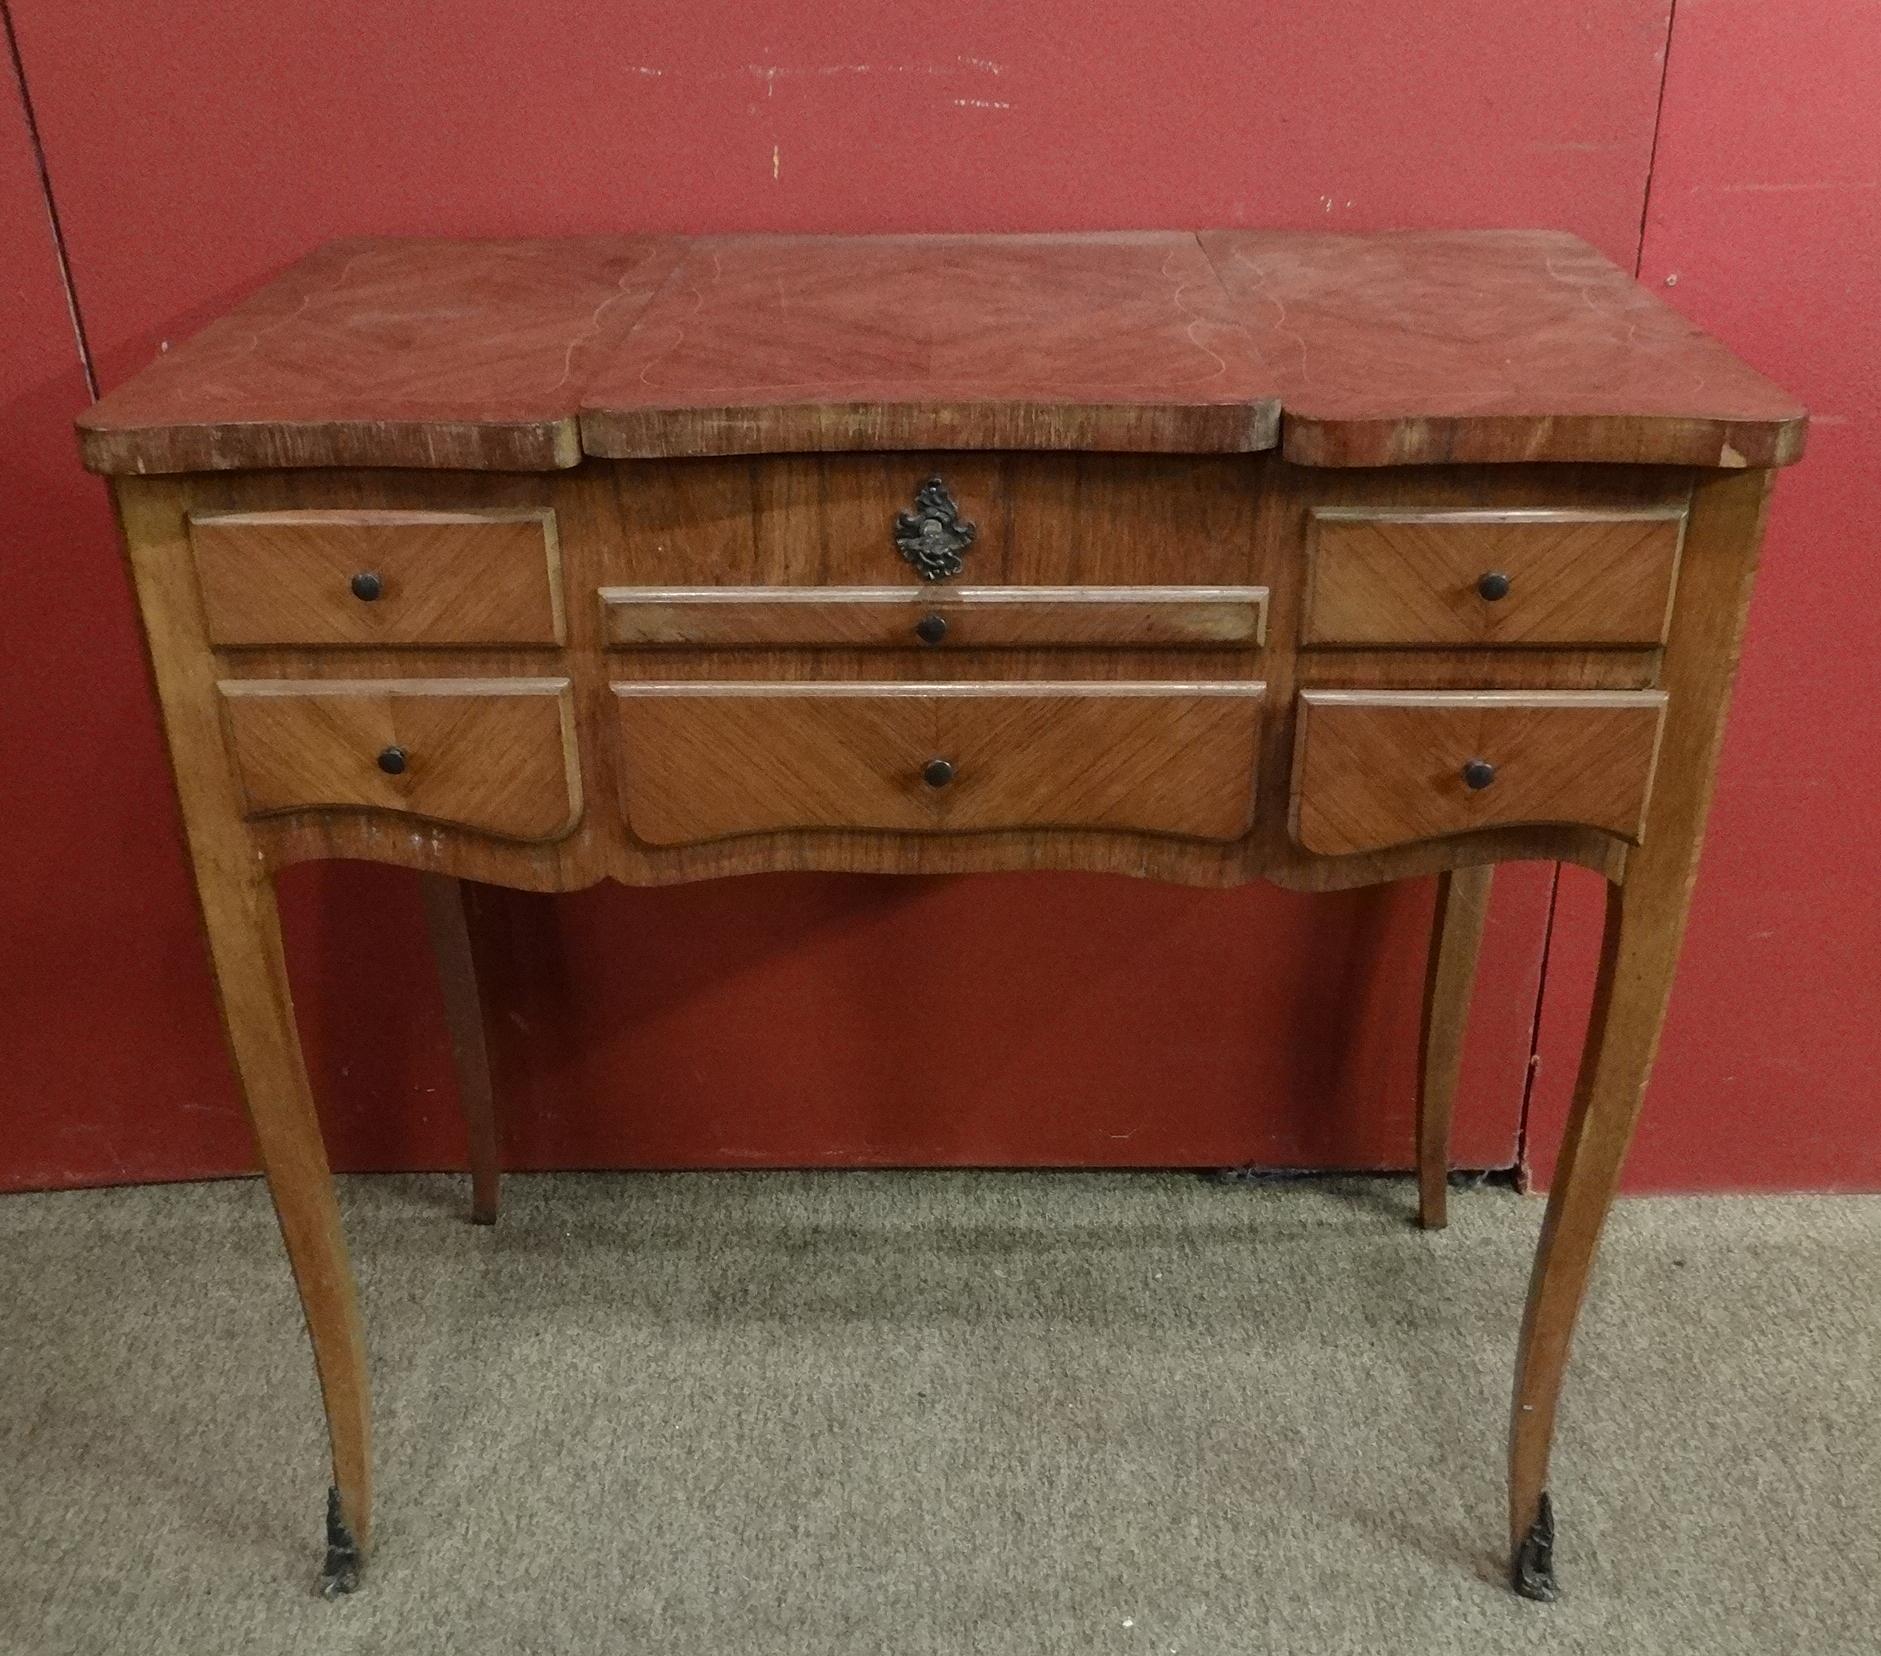 meuble coiffeuse poudreuse en marqueterie de bois de rose de style louis xv d. Black Bedroom Furniture Sets. Home Design Ideas